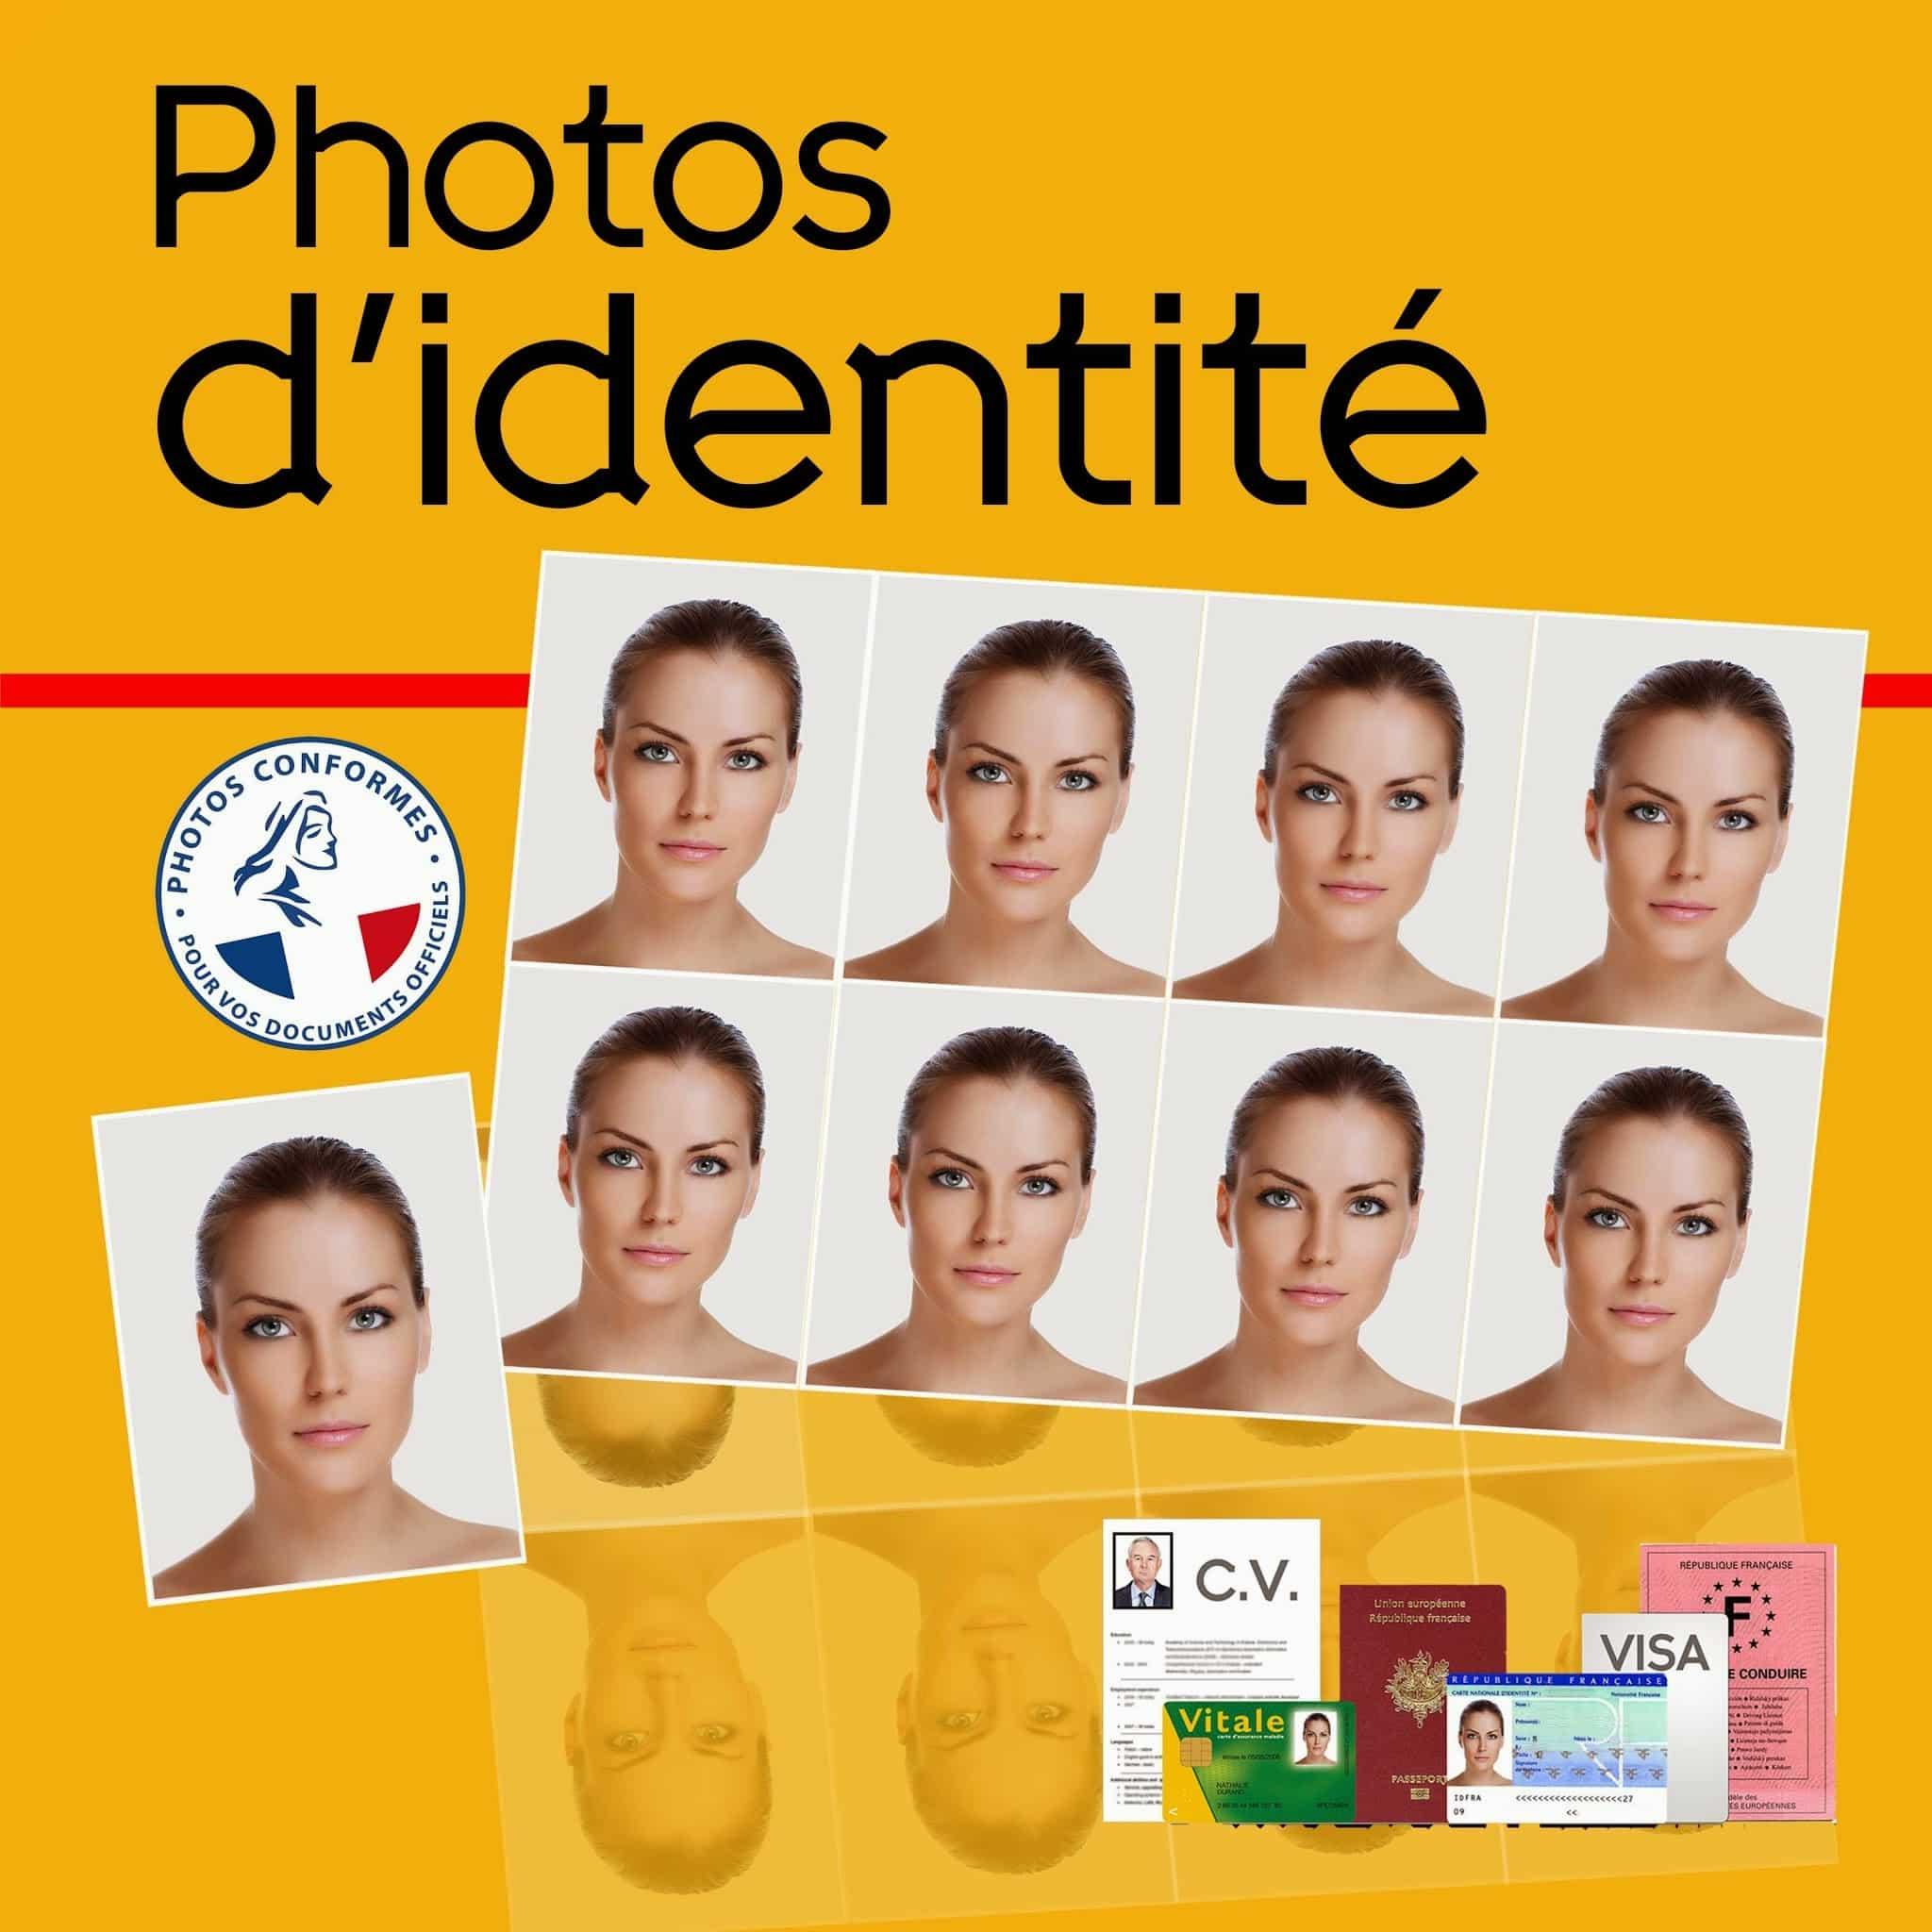 Photos d'identité à Périgueux